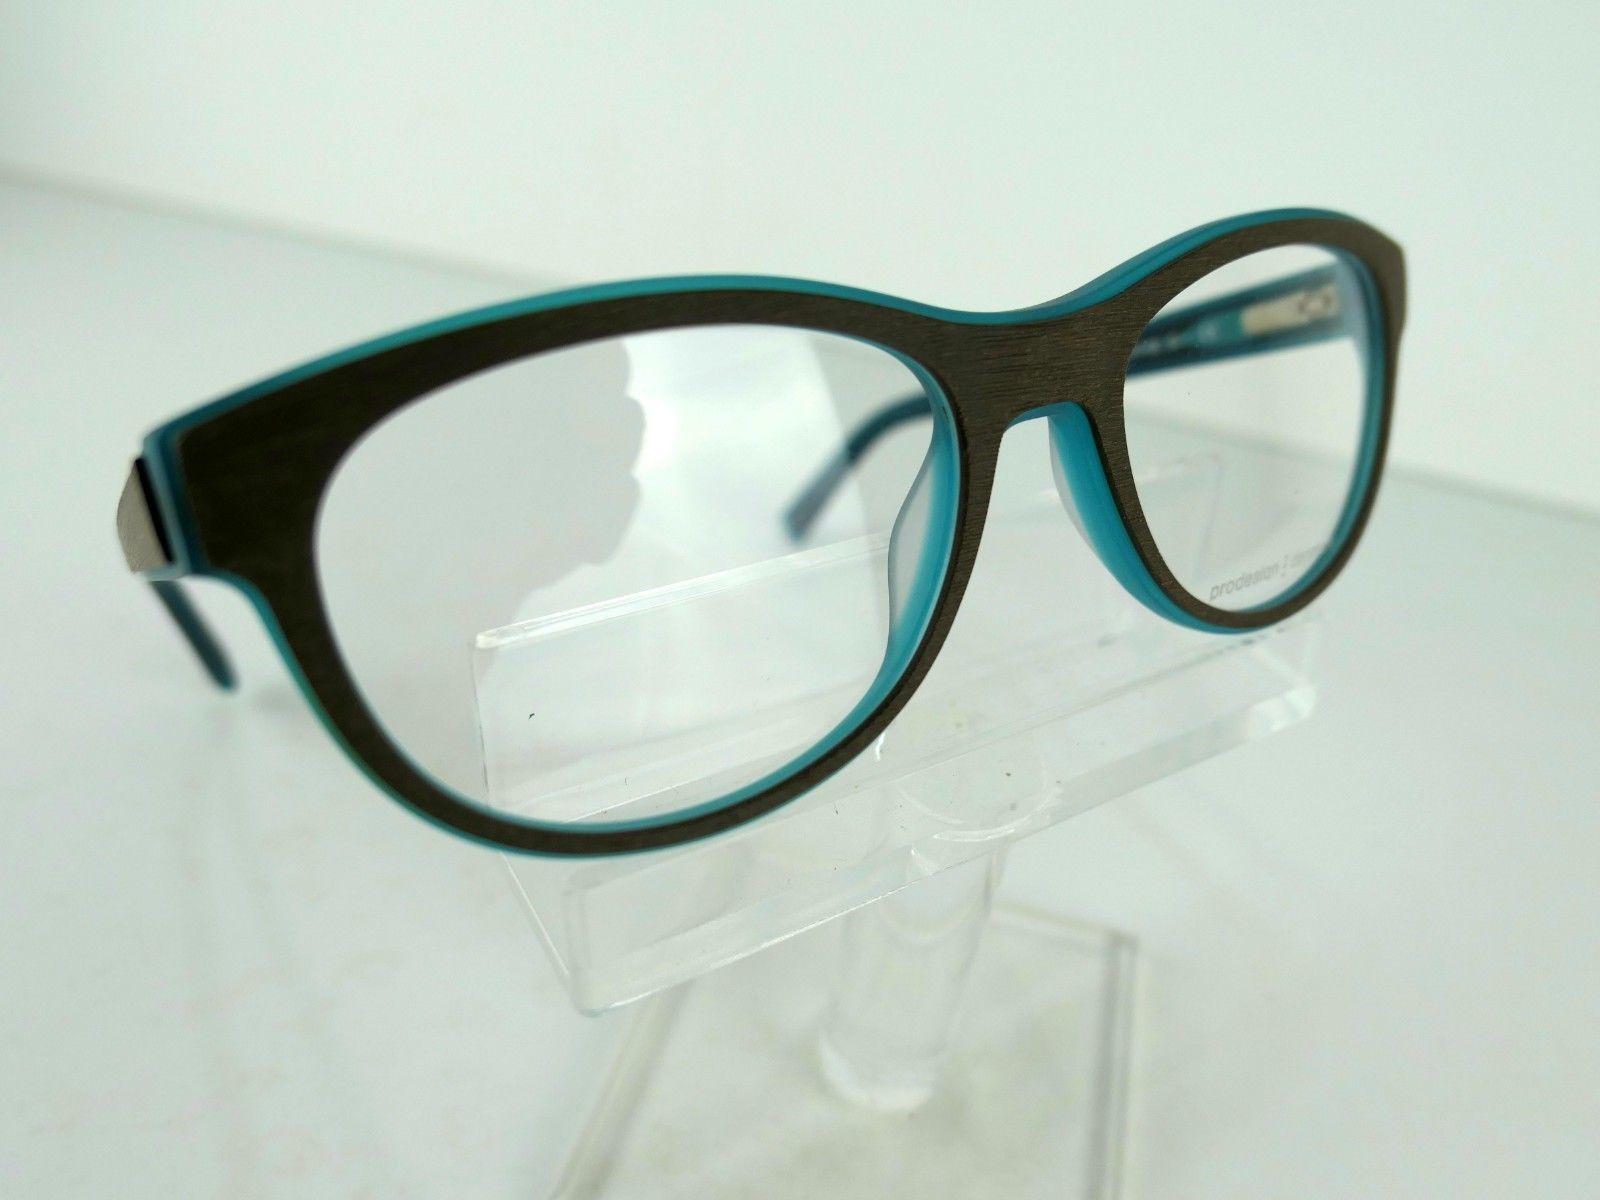 PRODESIGN DENMARK 1779 (5036) Dark Brown Brushed 51  x 17 Eyeglass Frames